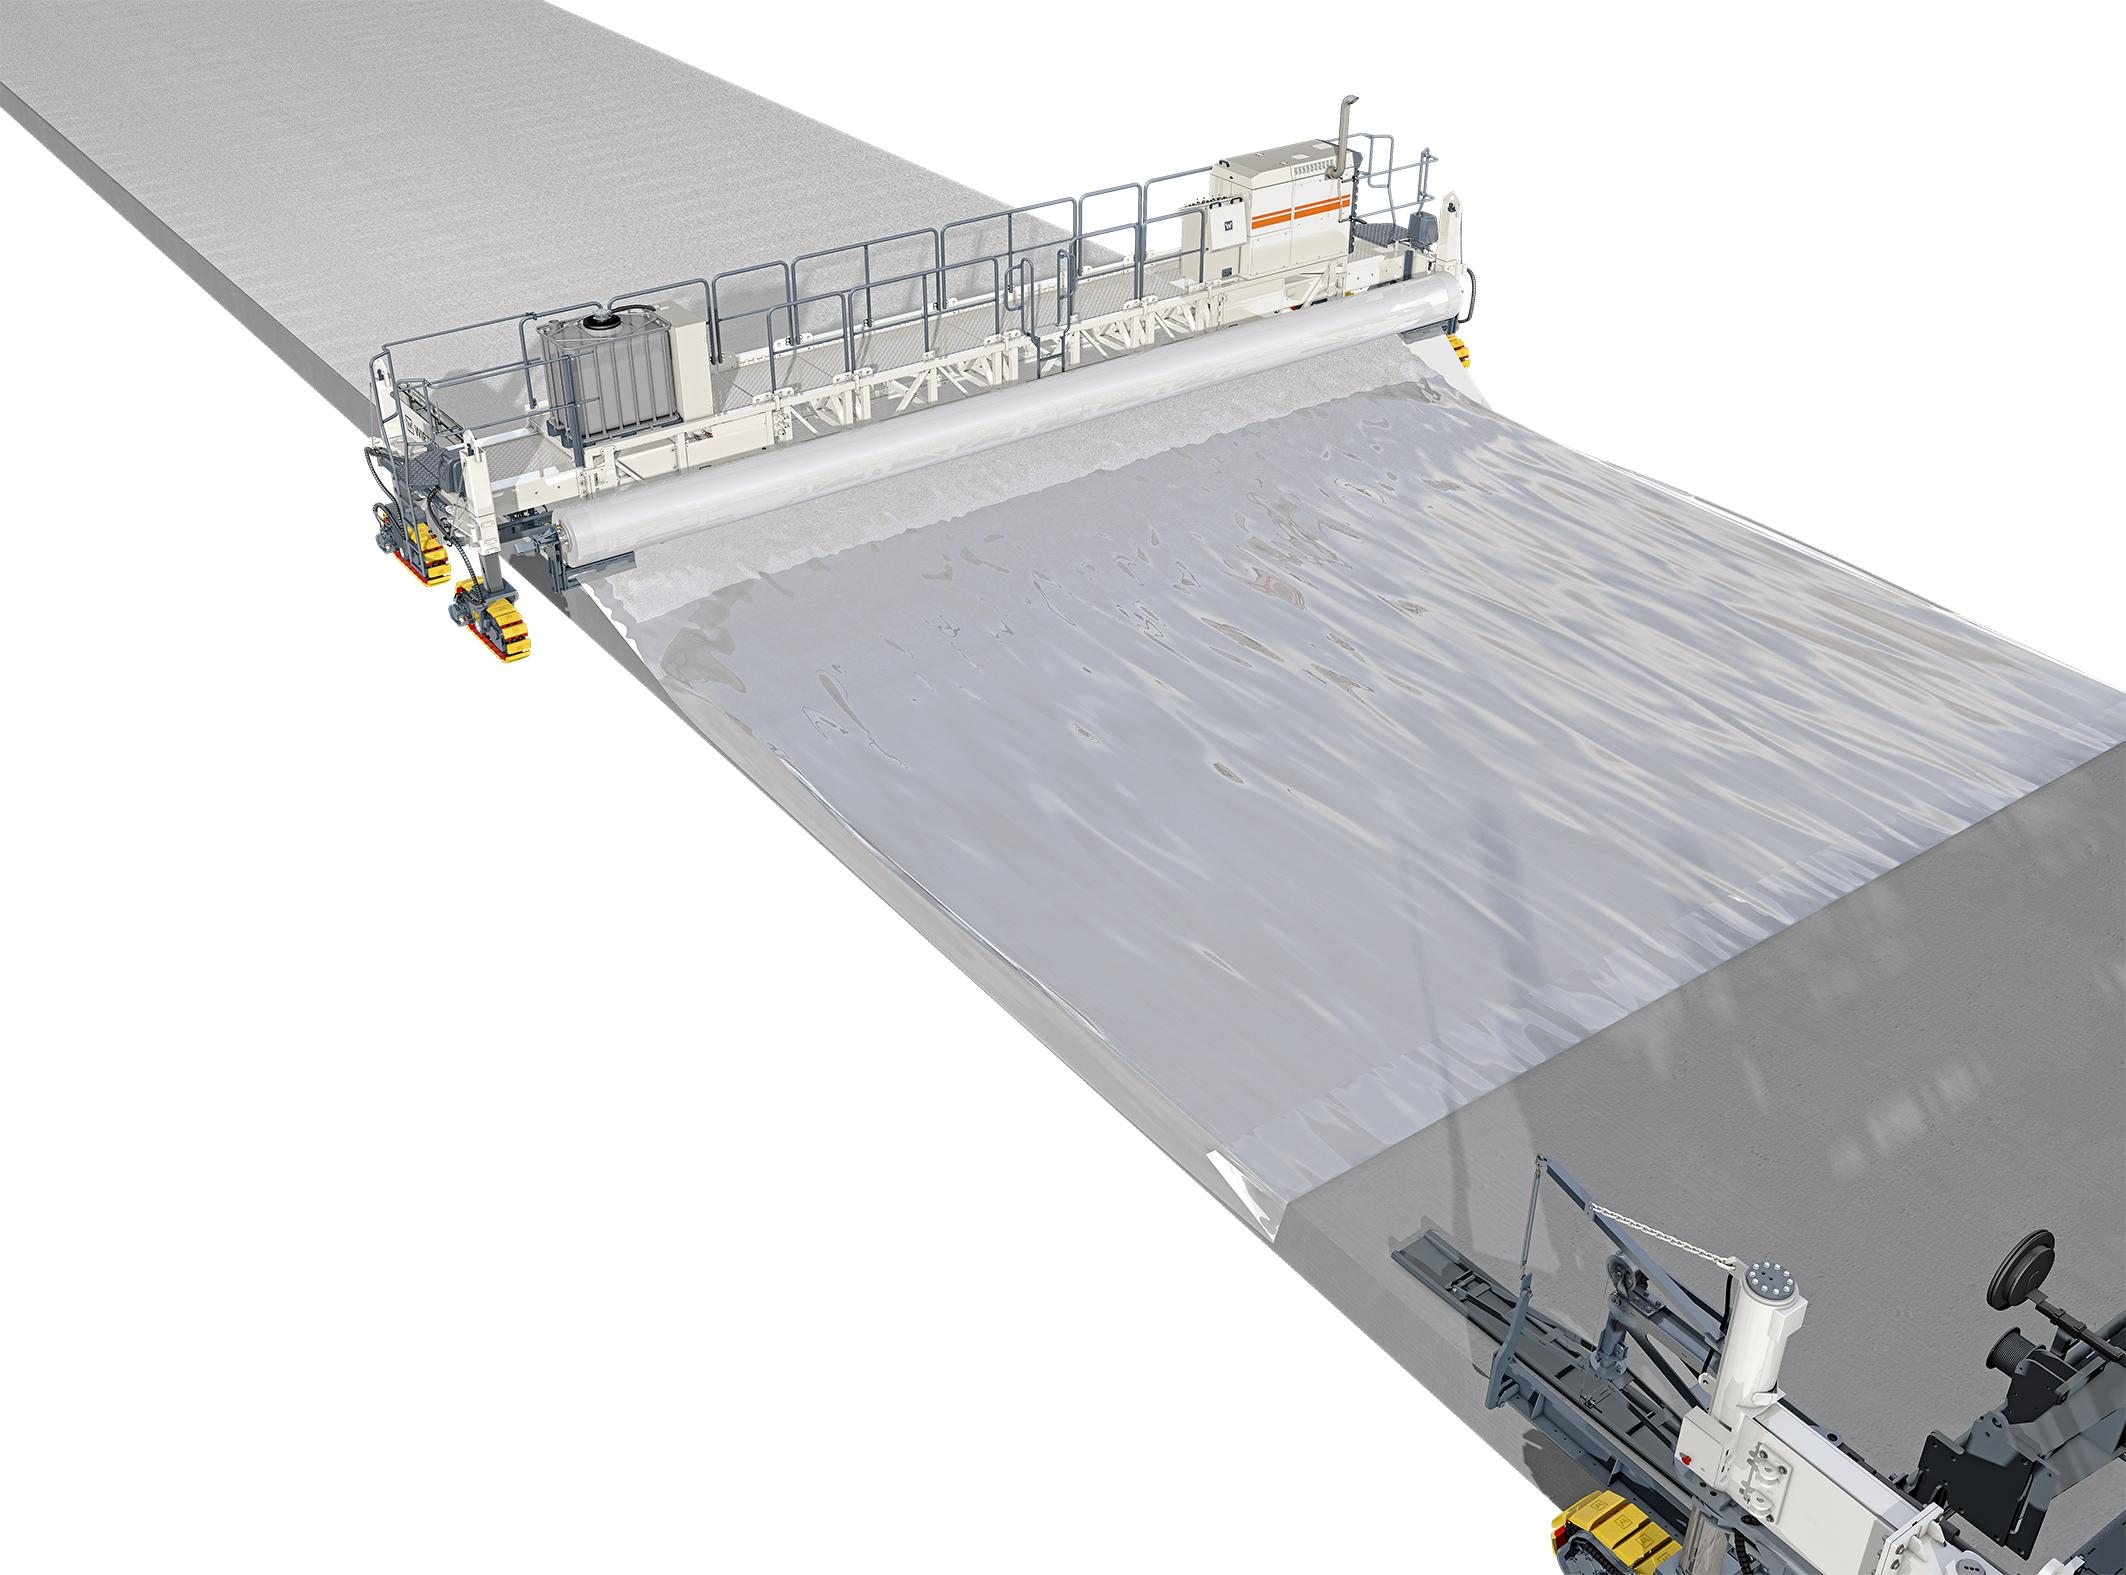 Der TCM 180i kann auf Kundenwunsch mit einer Folienabwickelvorrichtung (Polyroll) ausgestattet werden. Die entgegengesetzt der Arbeitsrichtung abgerollte Folie schützt den frischen Beton vor plötzlich auftretenden Regen.